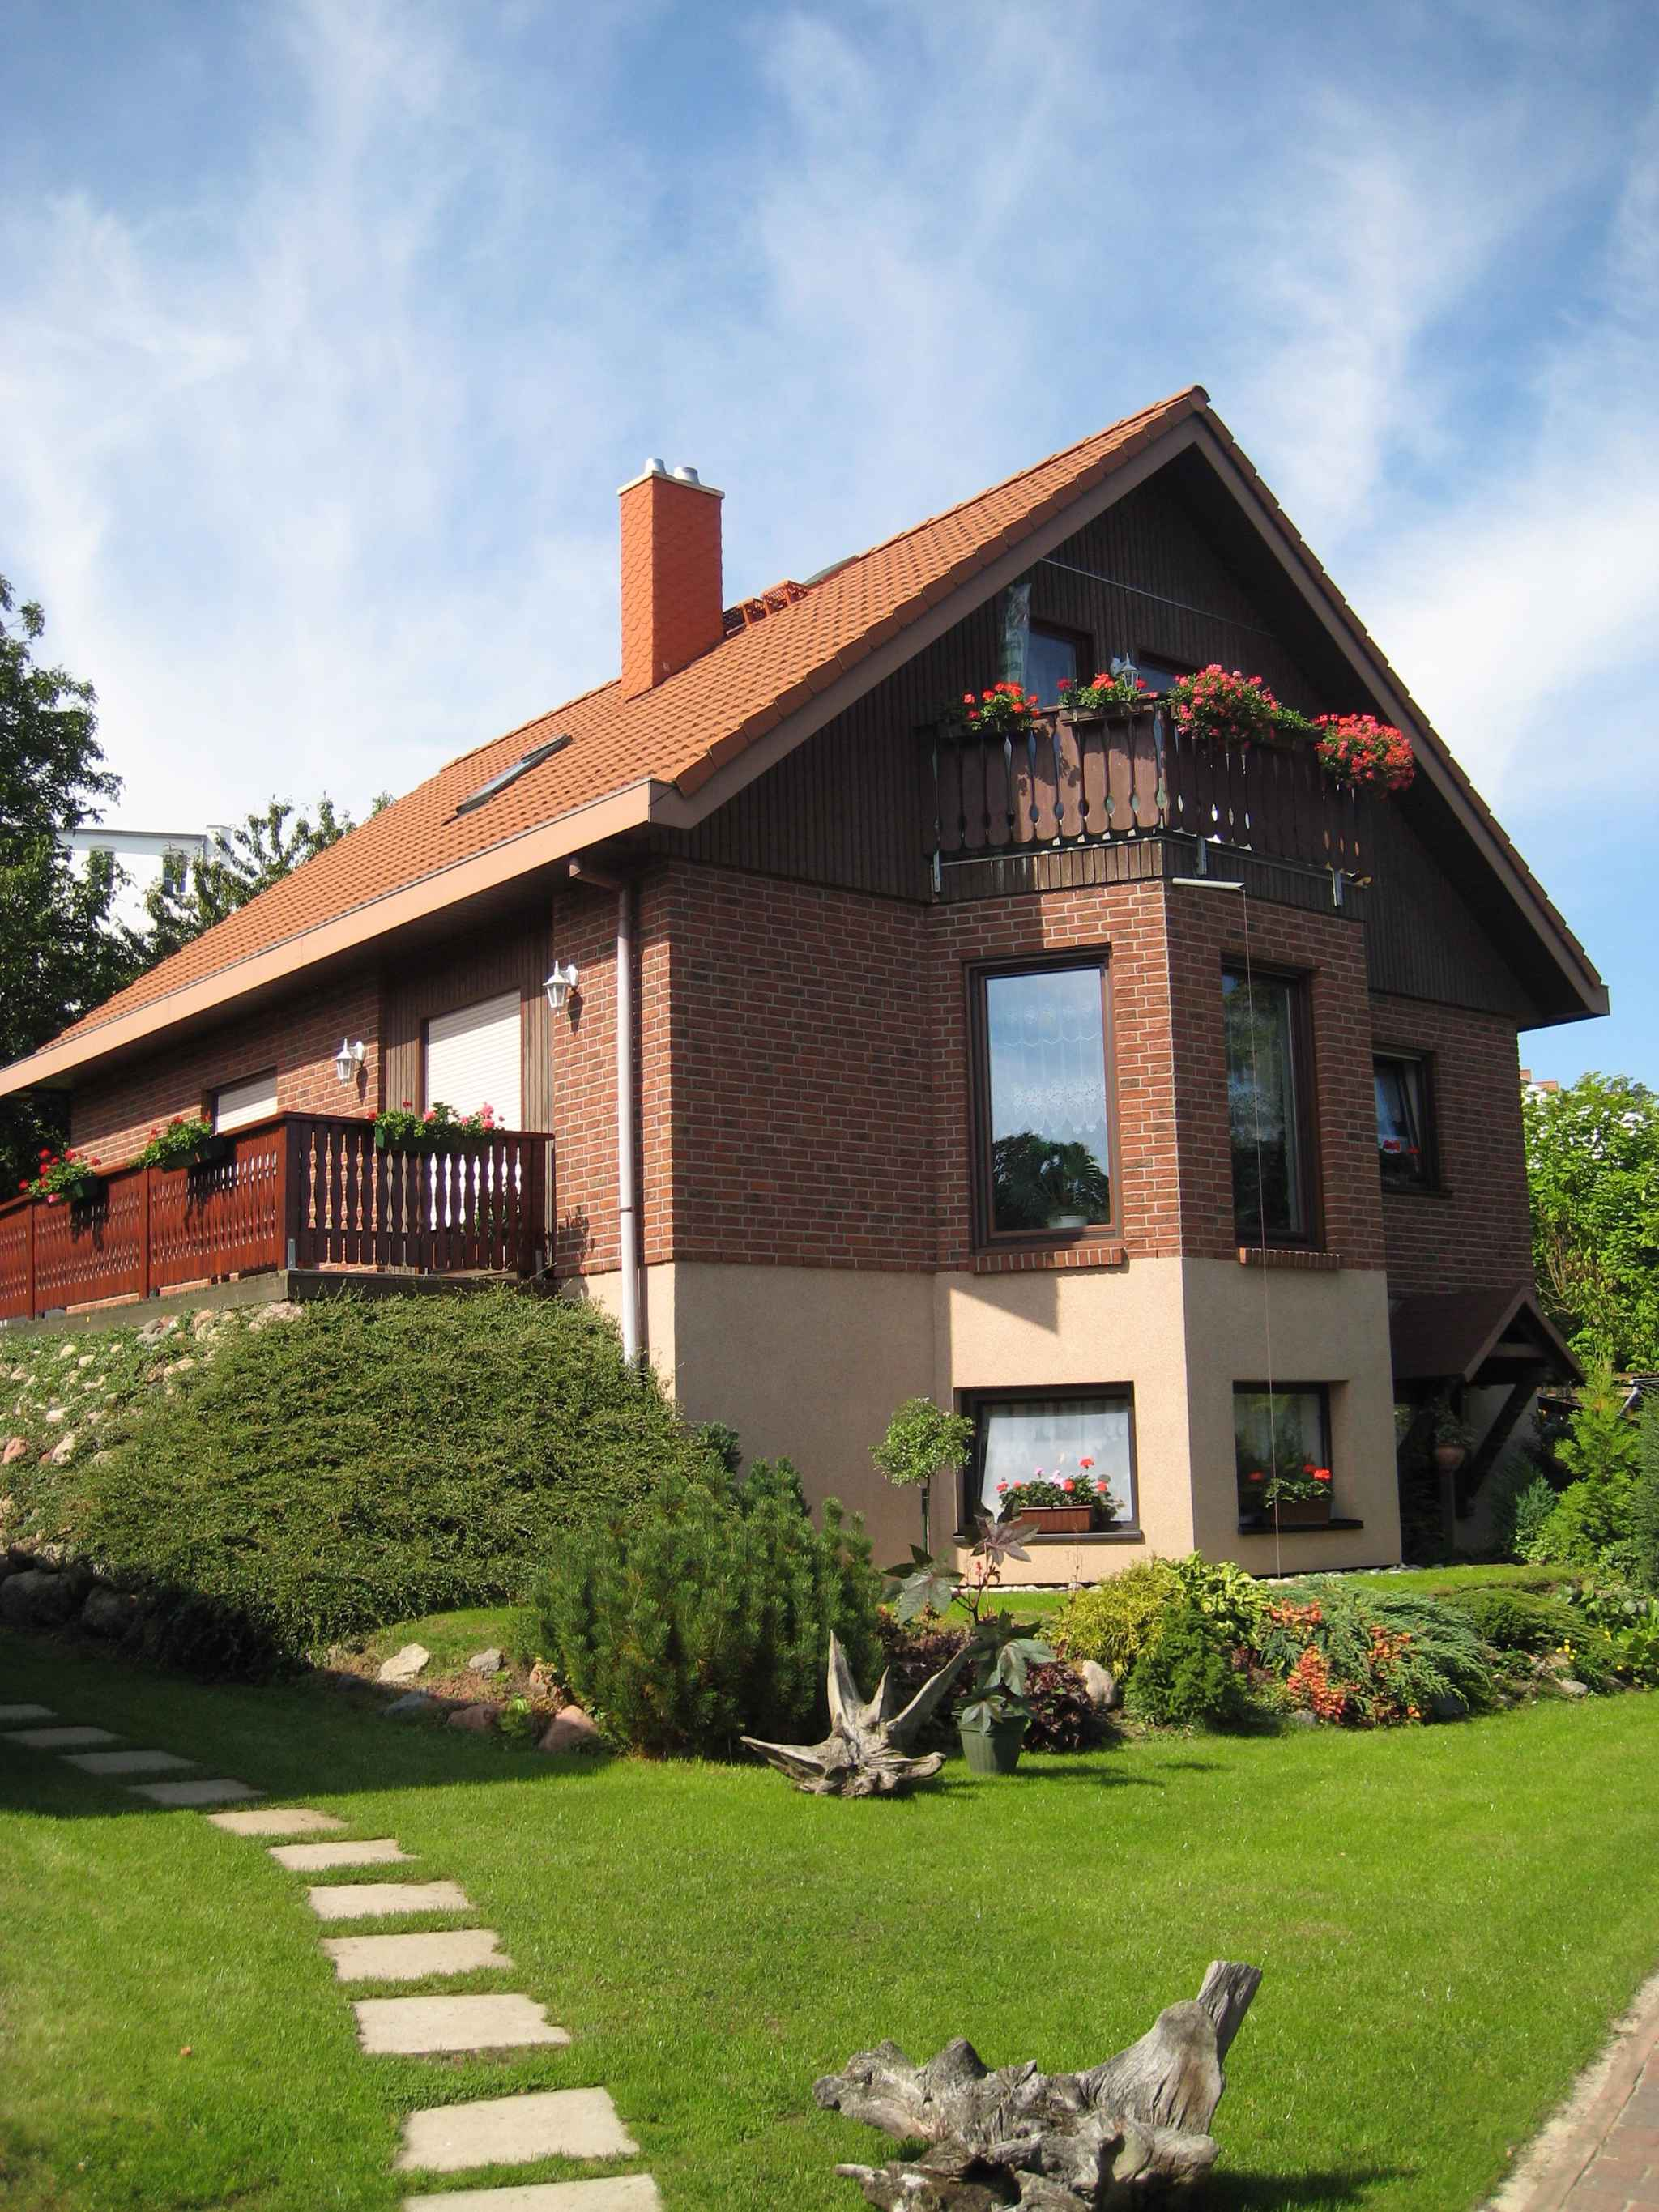 Ferienhaus Hütte mit Terrasse und Garten (317258), Putbus, Rügen, Mecklenburg-Vorpommern, Deutschland, Bild 4